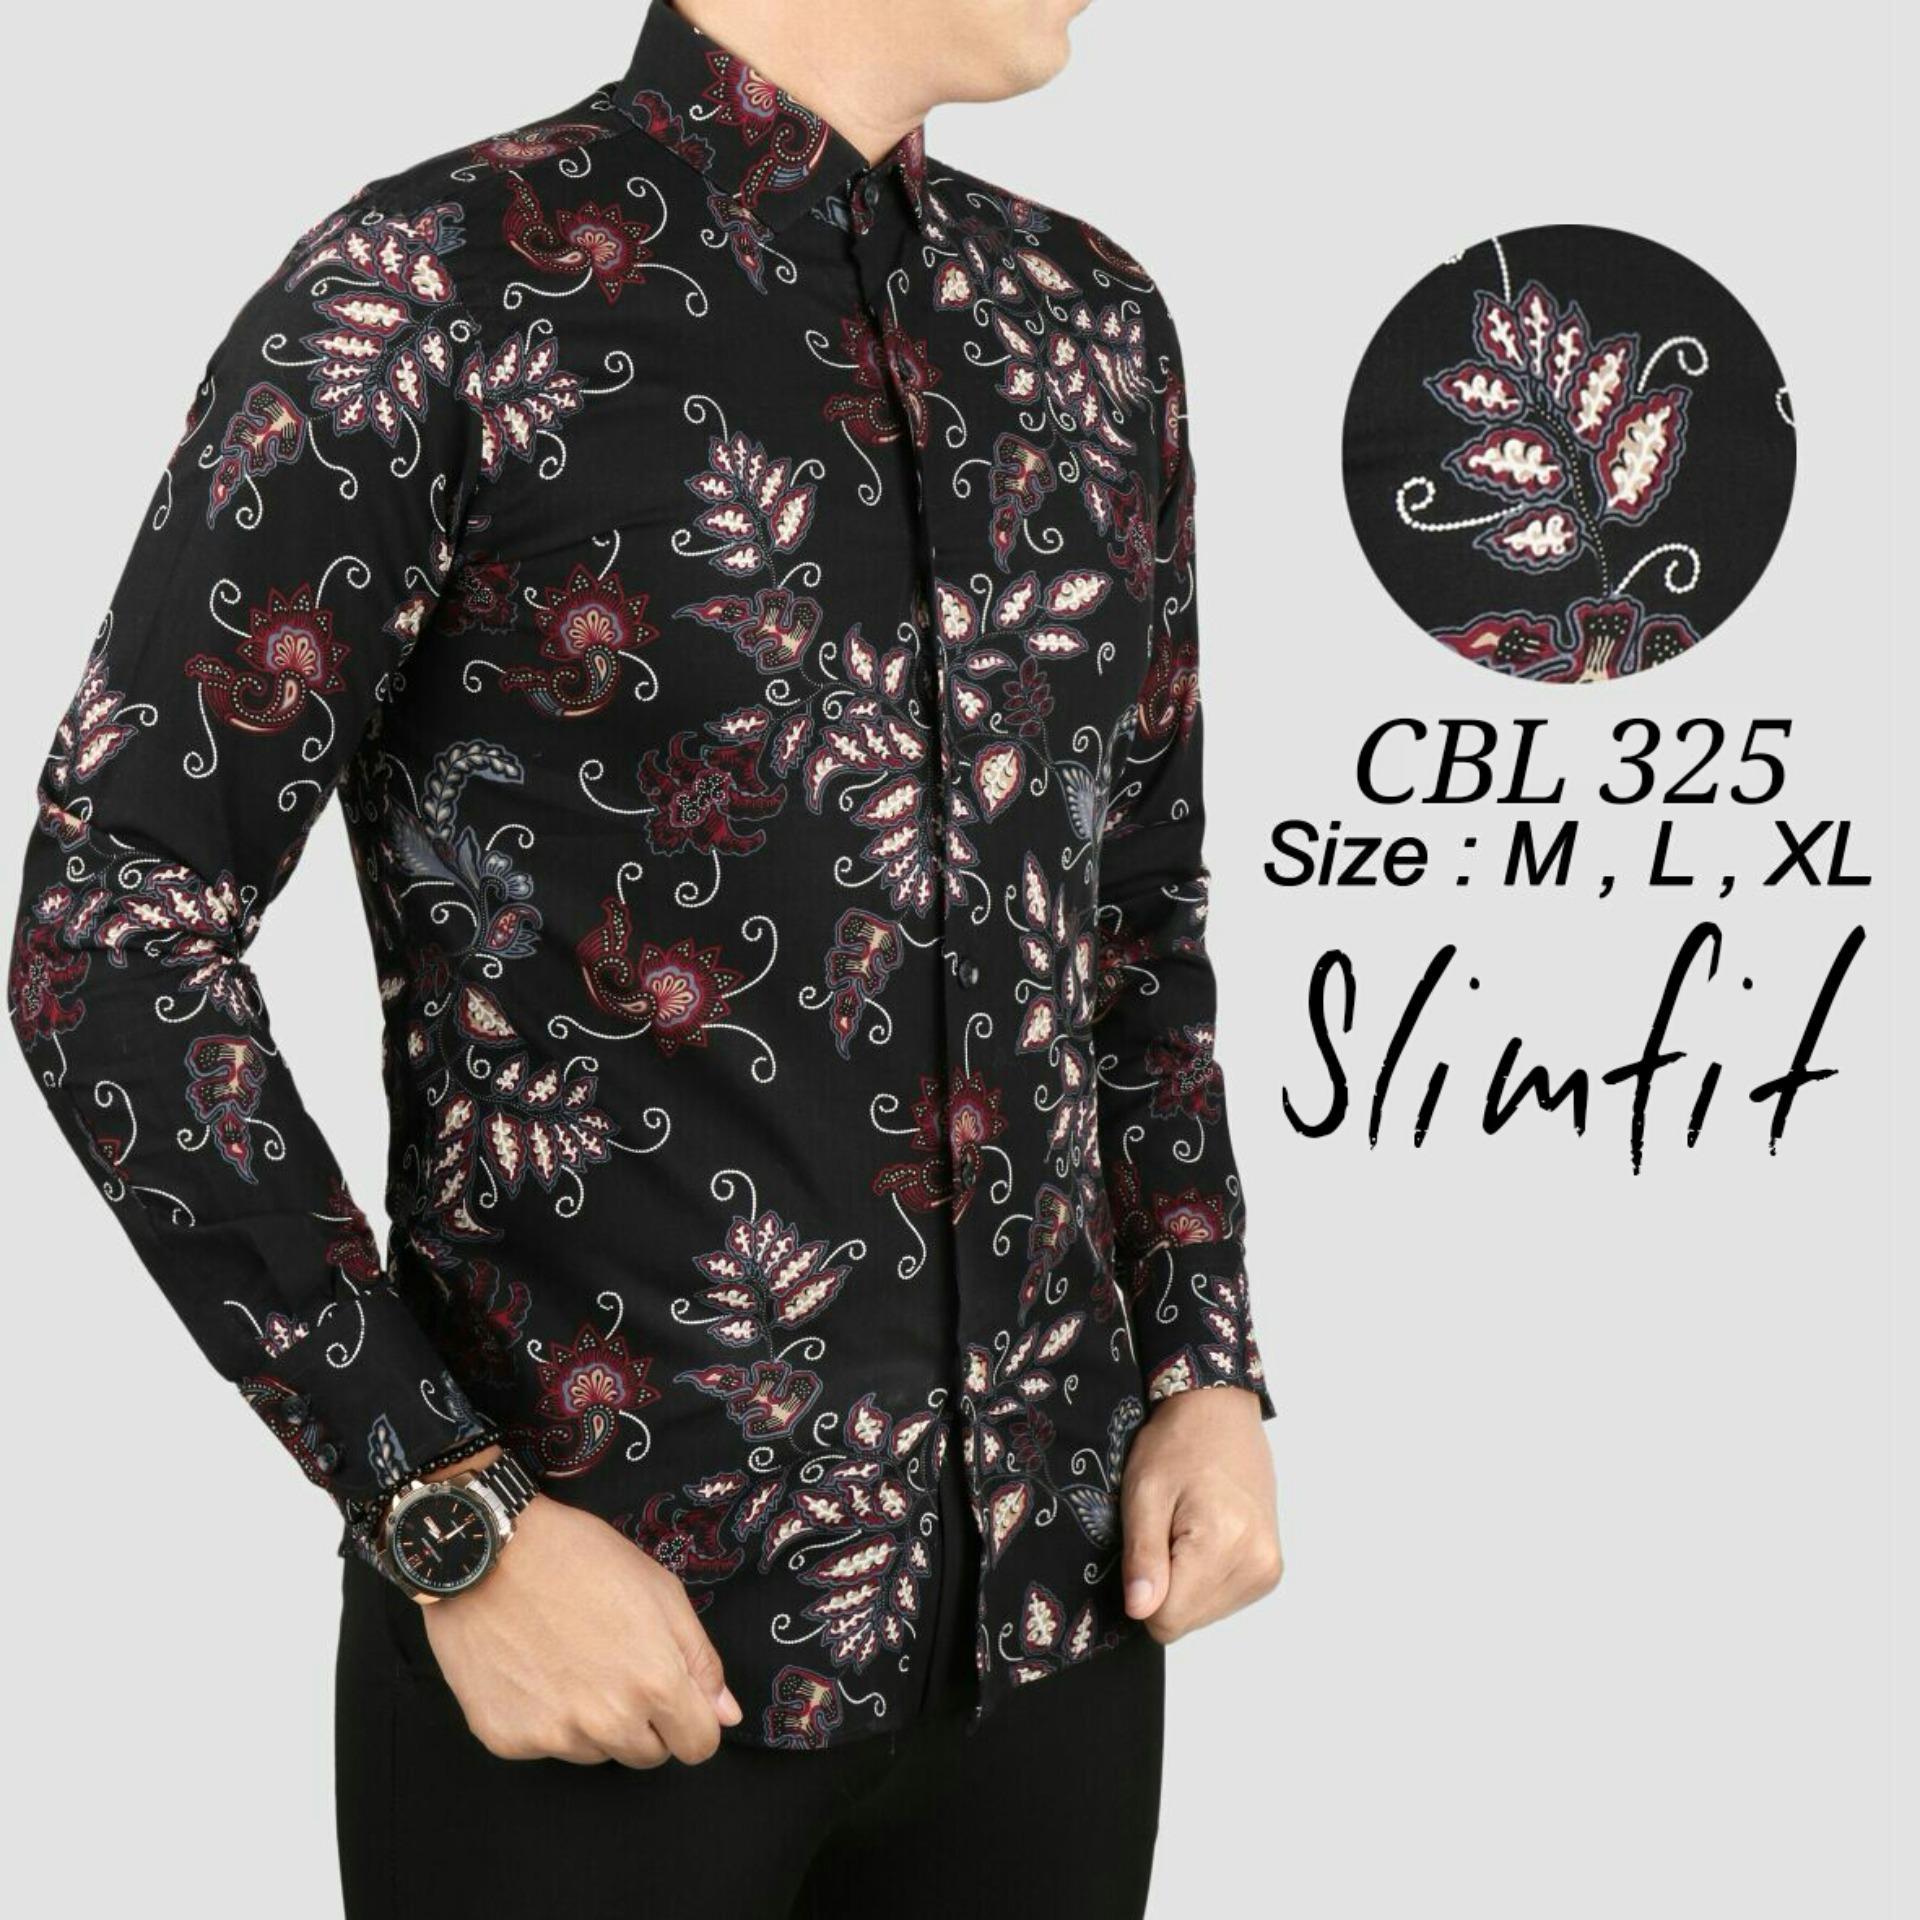 Kemeja Slimfit CBL 182 - Exclusive Premium Elegan